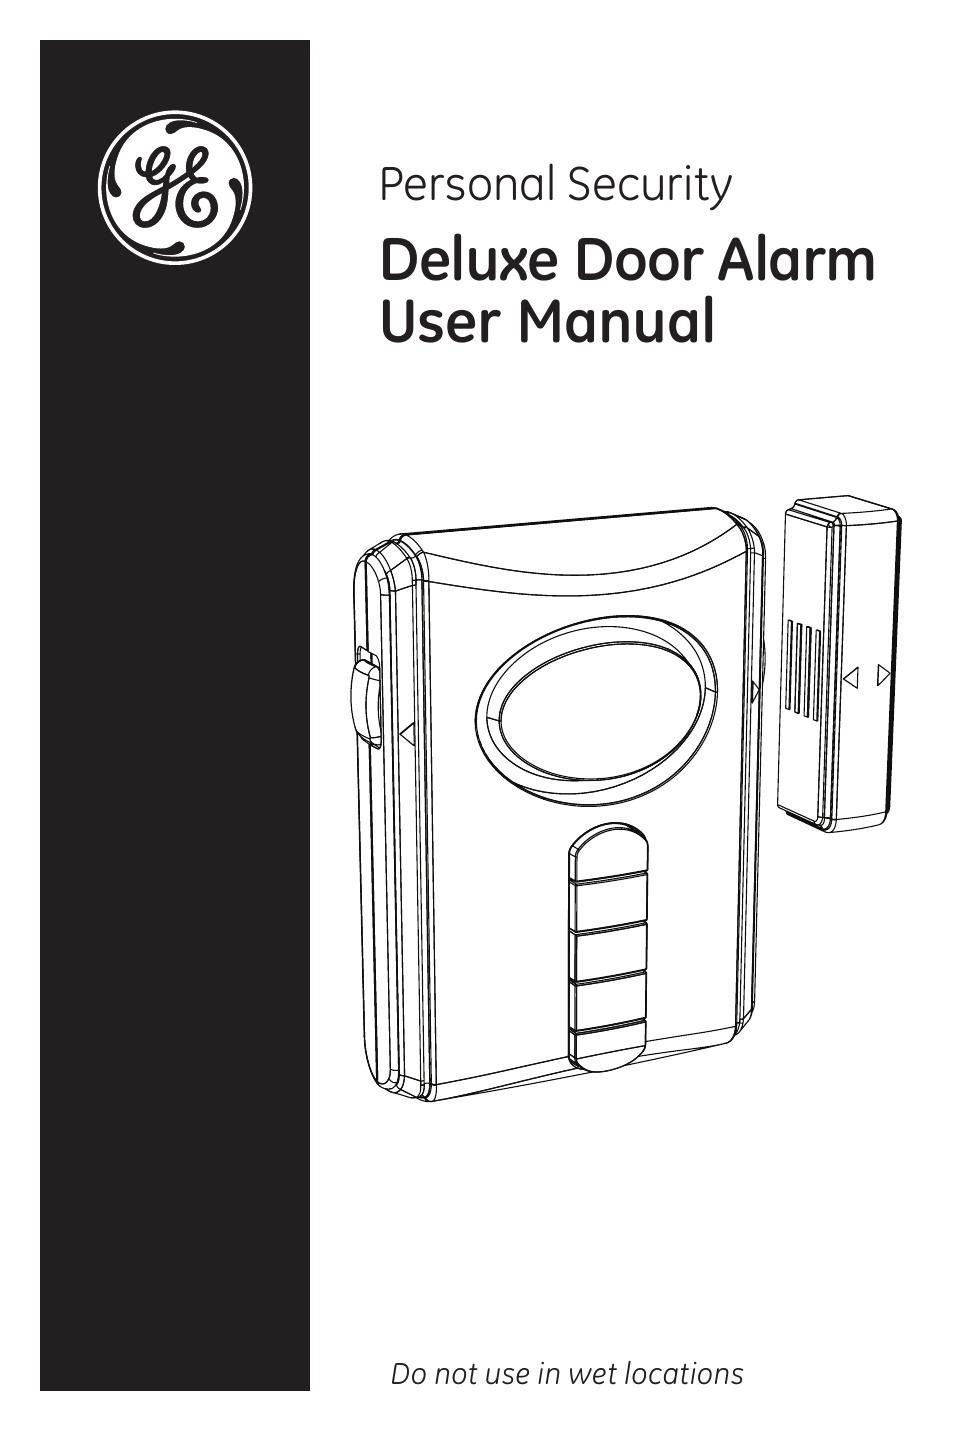 GE 45117 Deluxe Wireless Keypad Door Alarm